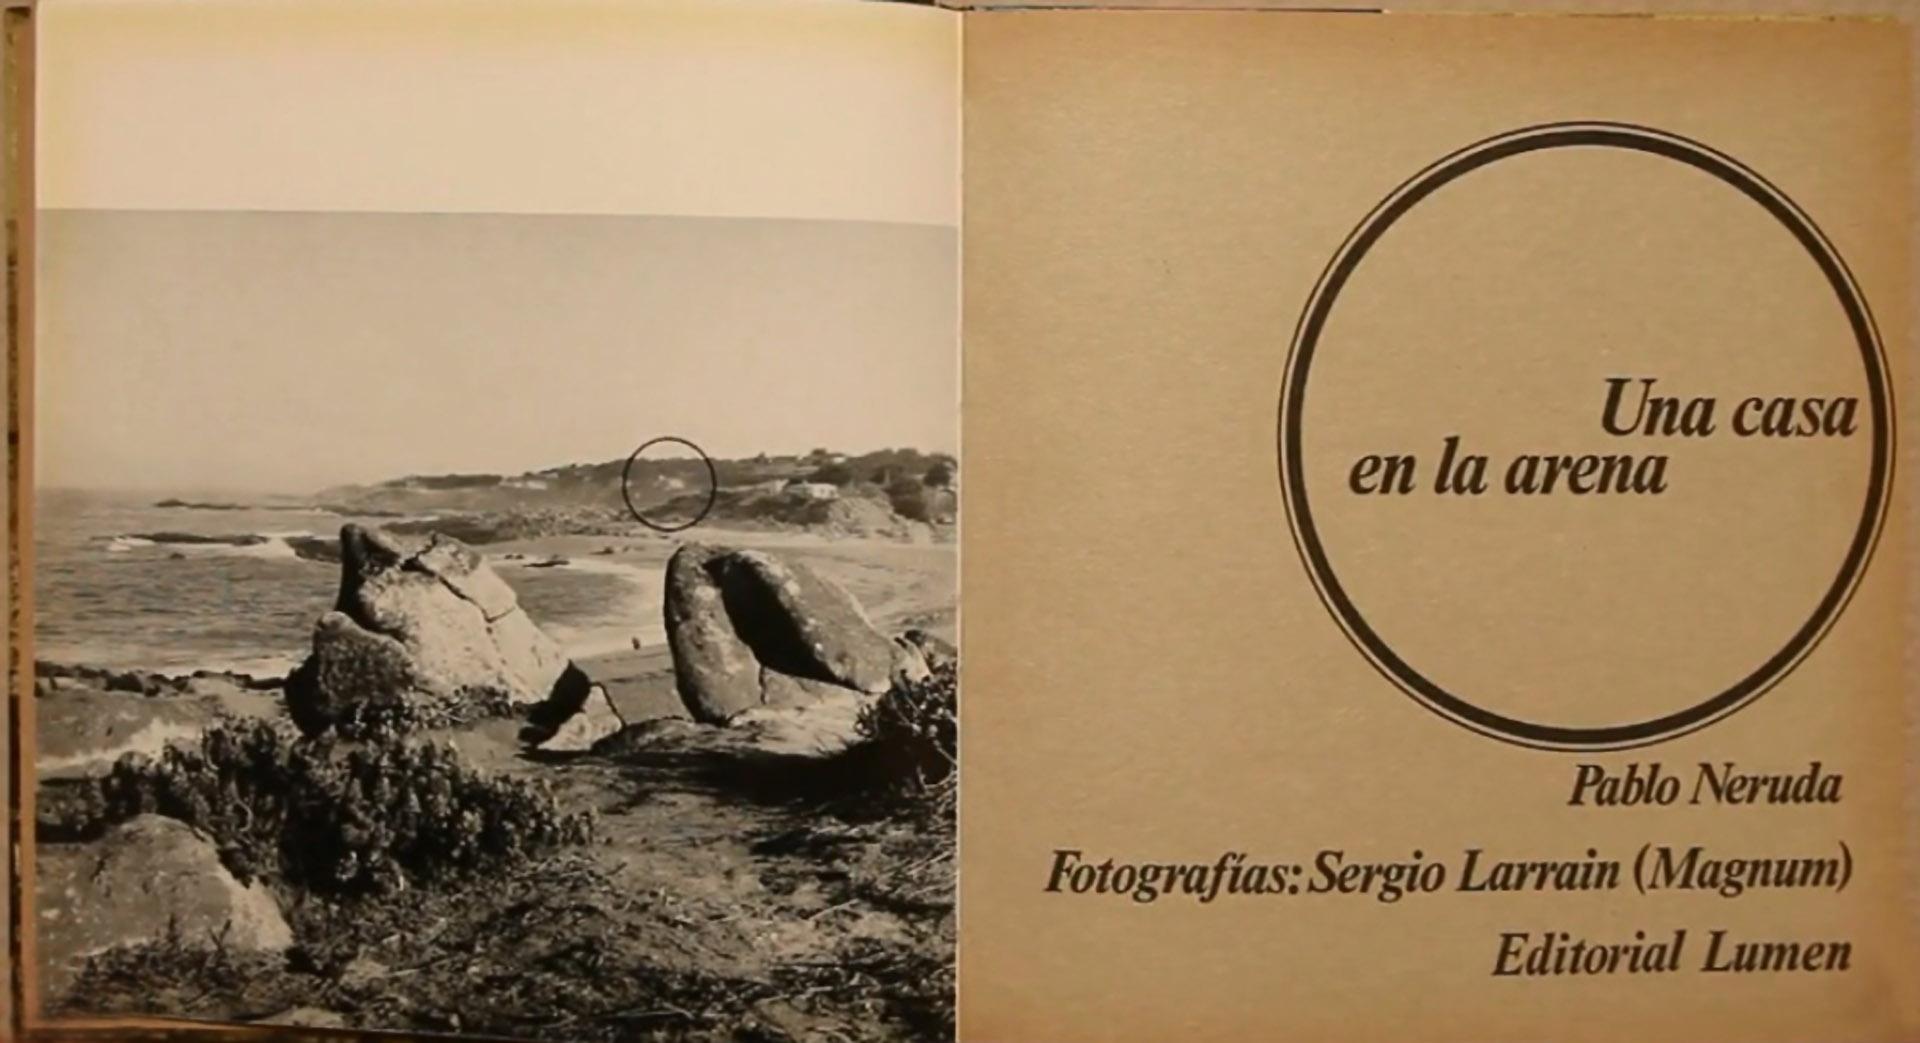 Detalhe do livro Una casa en la arena (1966), da Coleção Palabra e Imagen, da editorial Lumen (Barcelona)